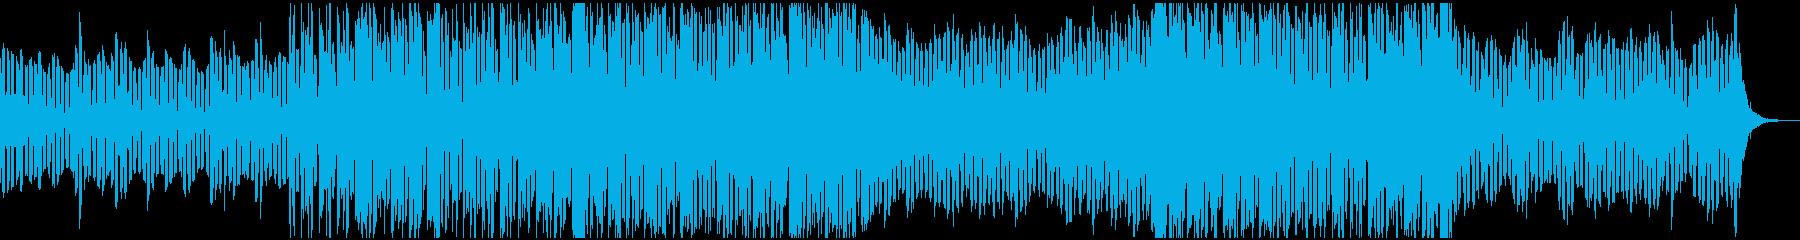 空間的、幻想的なチルヒップホップBGMの再生済みの波形